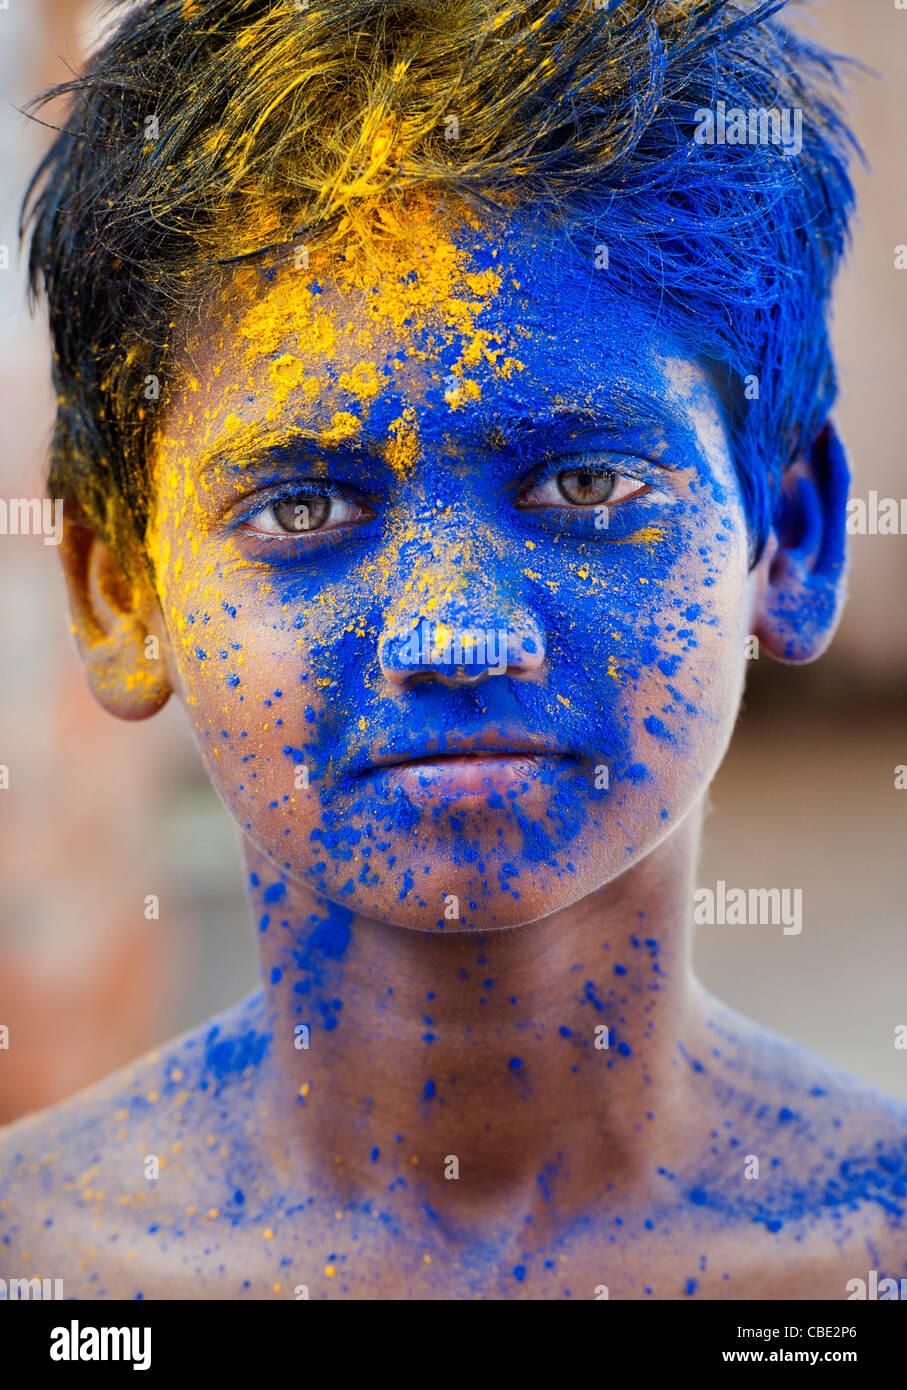 Joven indio cubierto de pigmento en polvo coloreado Imagen De Stock